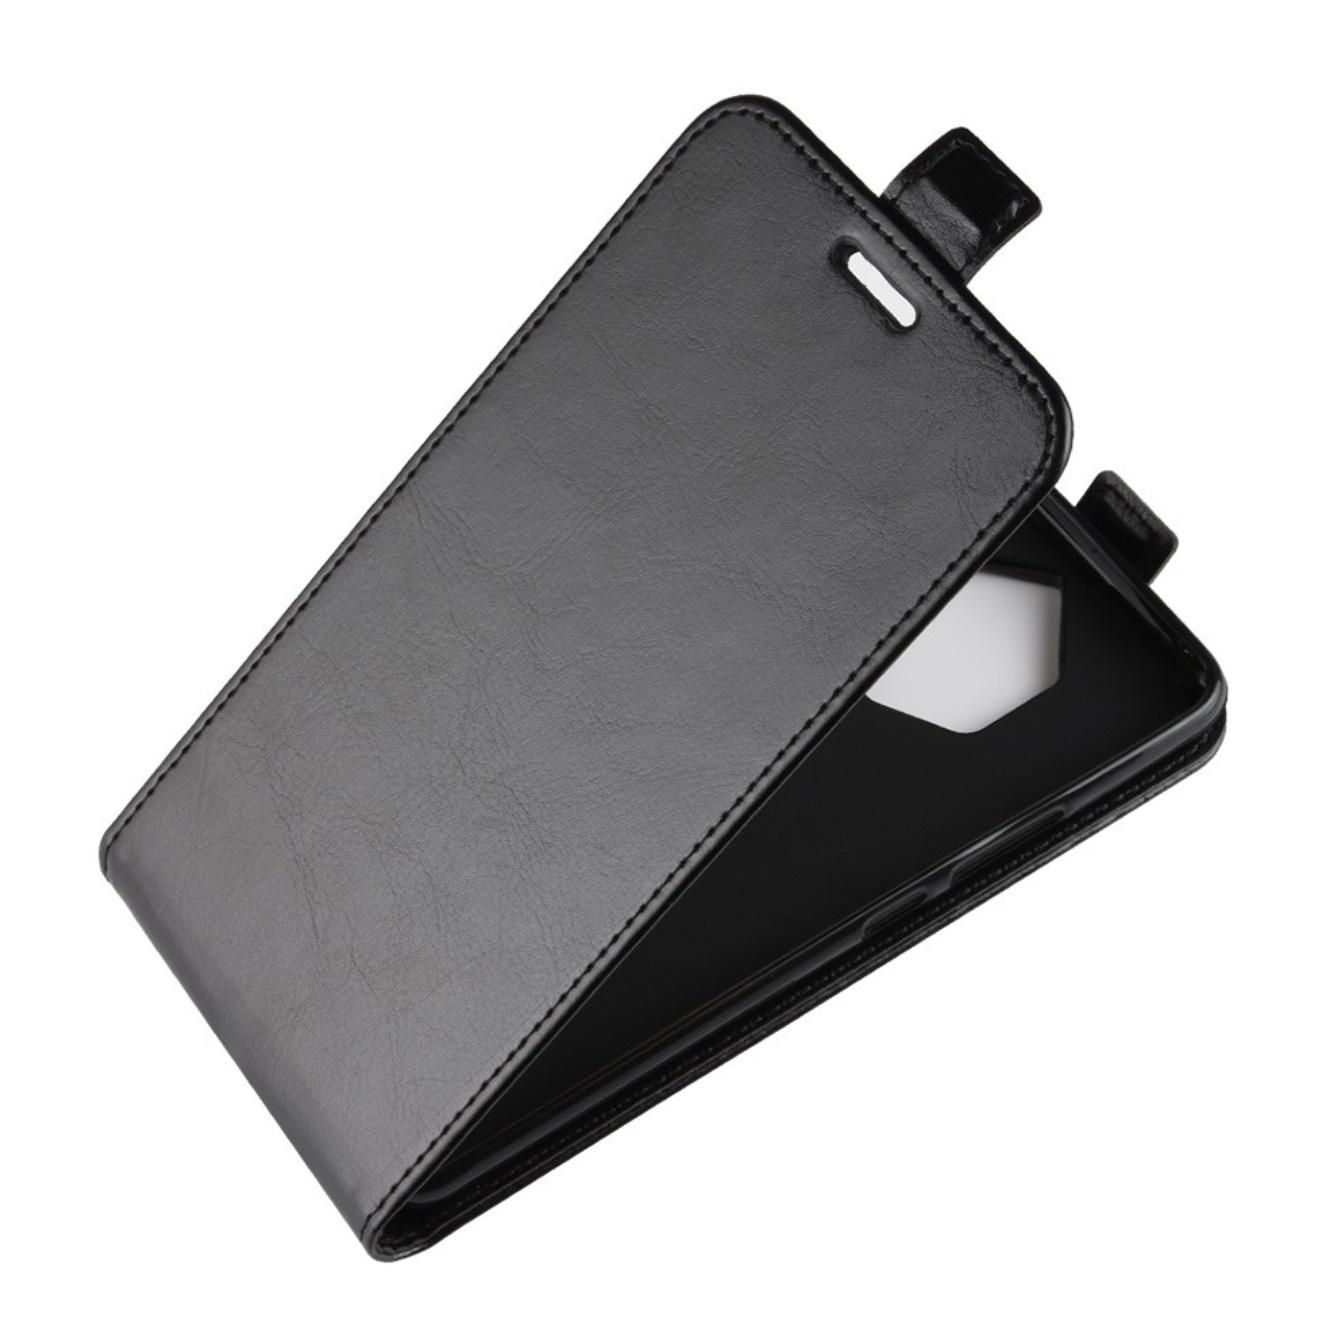 Чехол-флип MyPads для Acer Liquid Z520 вертикальный откидной черный аккумулятор для телефона ibatt bat a12 kt 00104 002 для acer liquid z520 liquid z520 duo liquid z520 dual sim